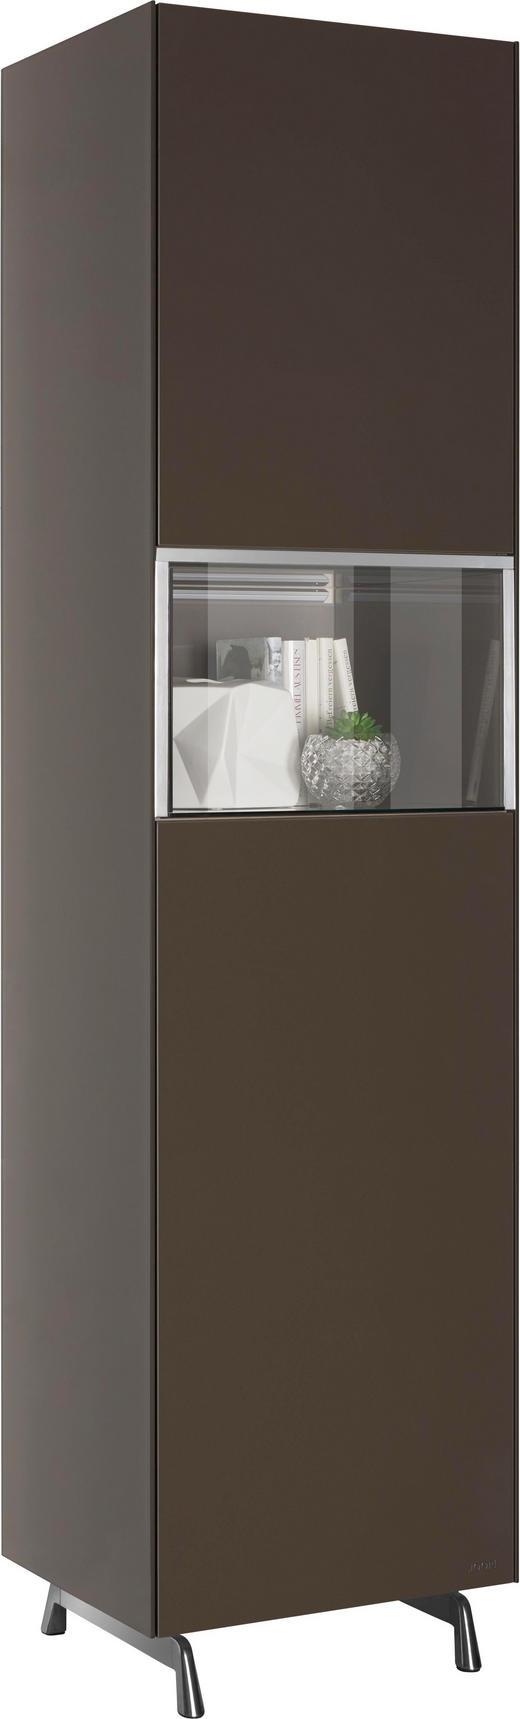 VITRINE in Braun - Alufarben/Braun, Design, Glas/Holzwerkstoff (52/209/46cm) - Joop!